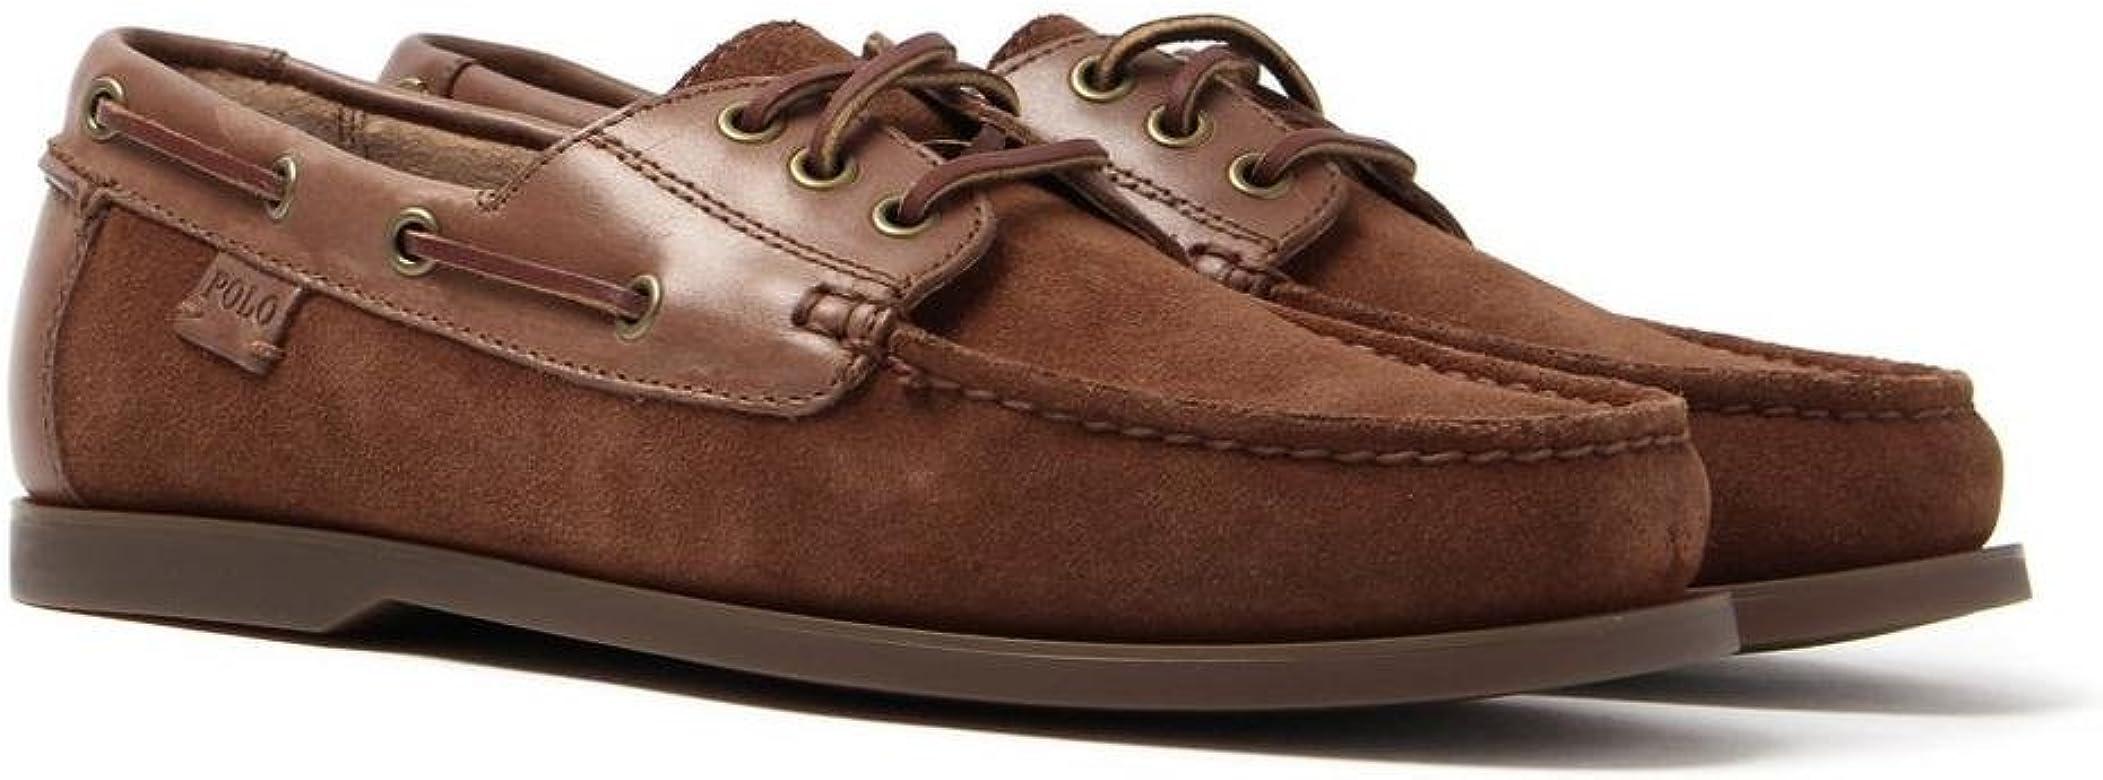 Polo Ralph Lauren - Náuticos para Hombre marrón Canela, Color ...